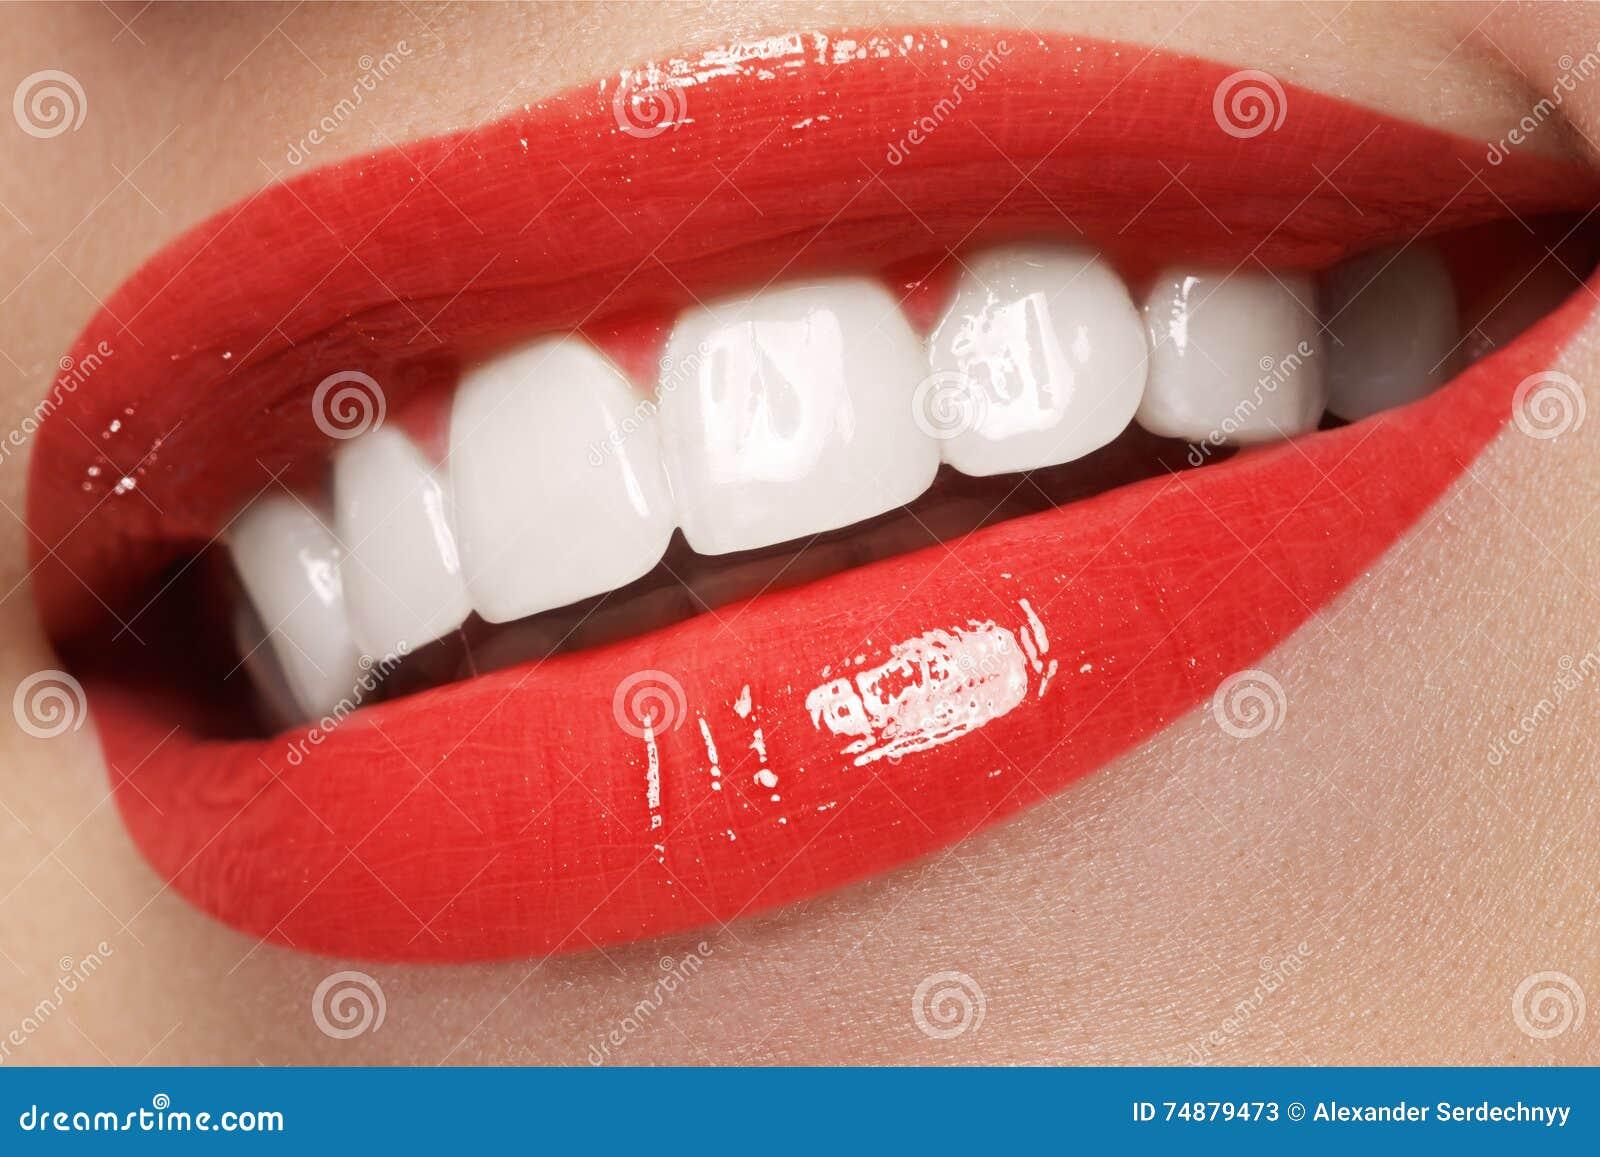 Dentes da mulher antes e depois do alvejante